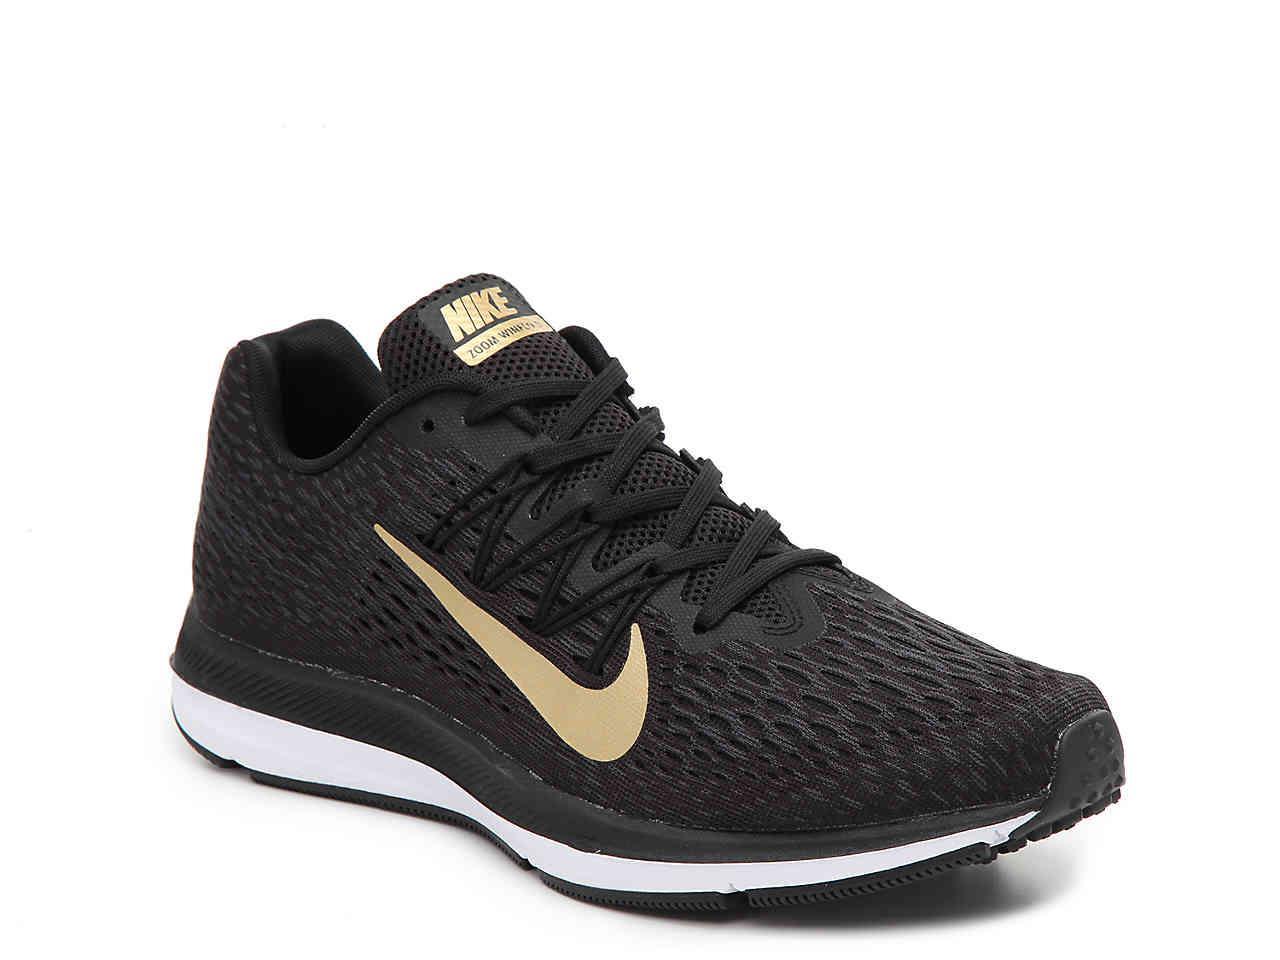 6cbc48de975 Lyst - Nike Zoom Winflo 5 Running Shoe in Black